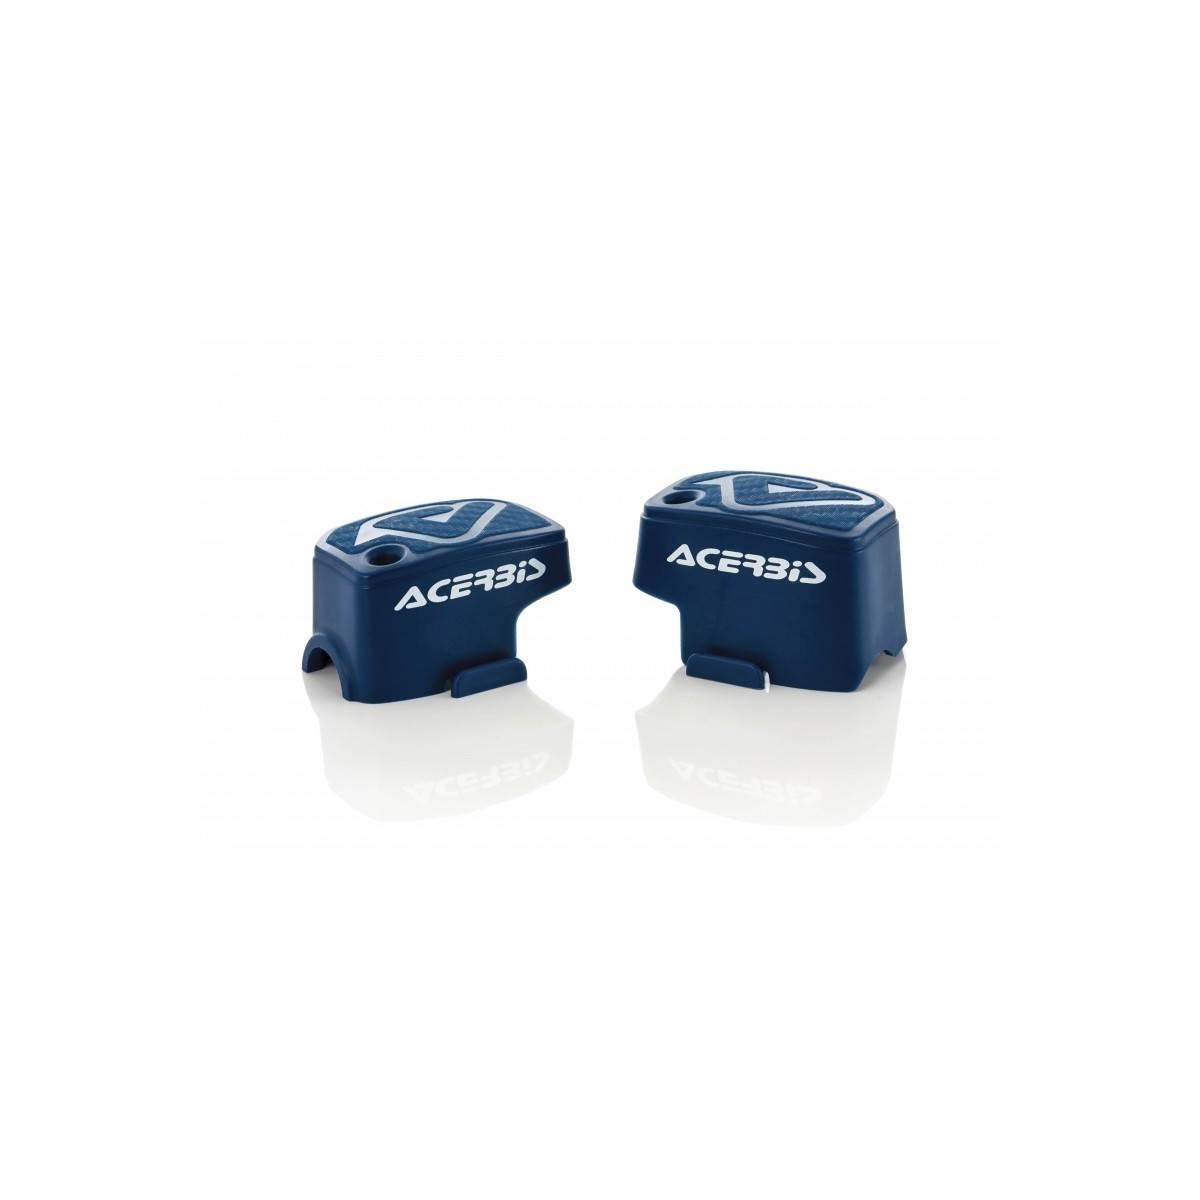 0021680-033 - Cubre Bomba Acerbis Azul